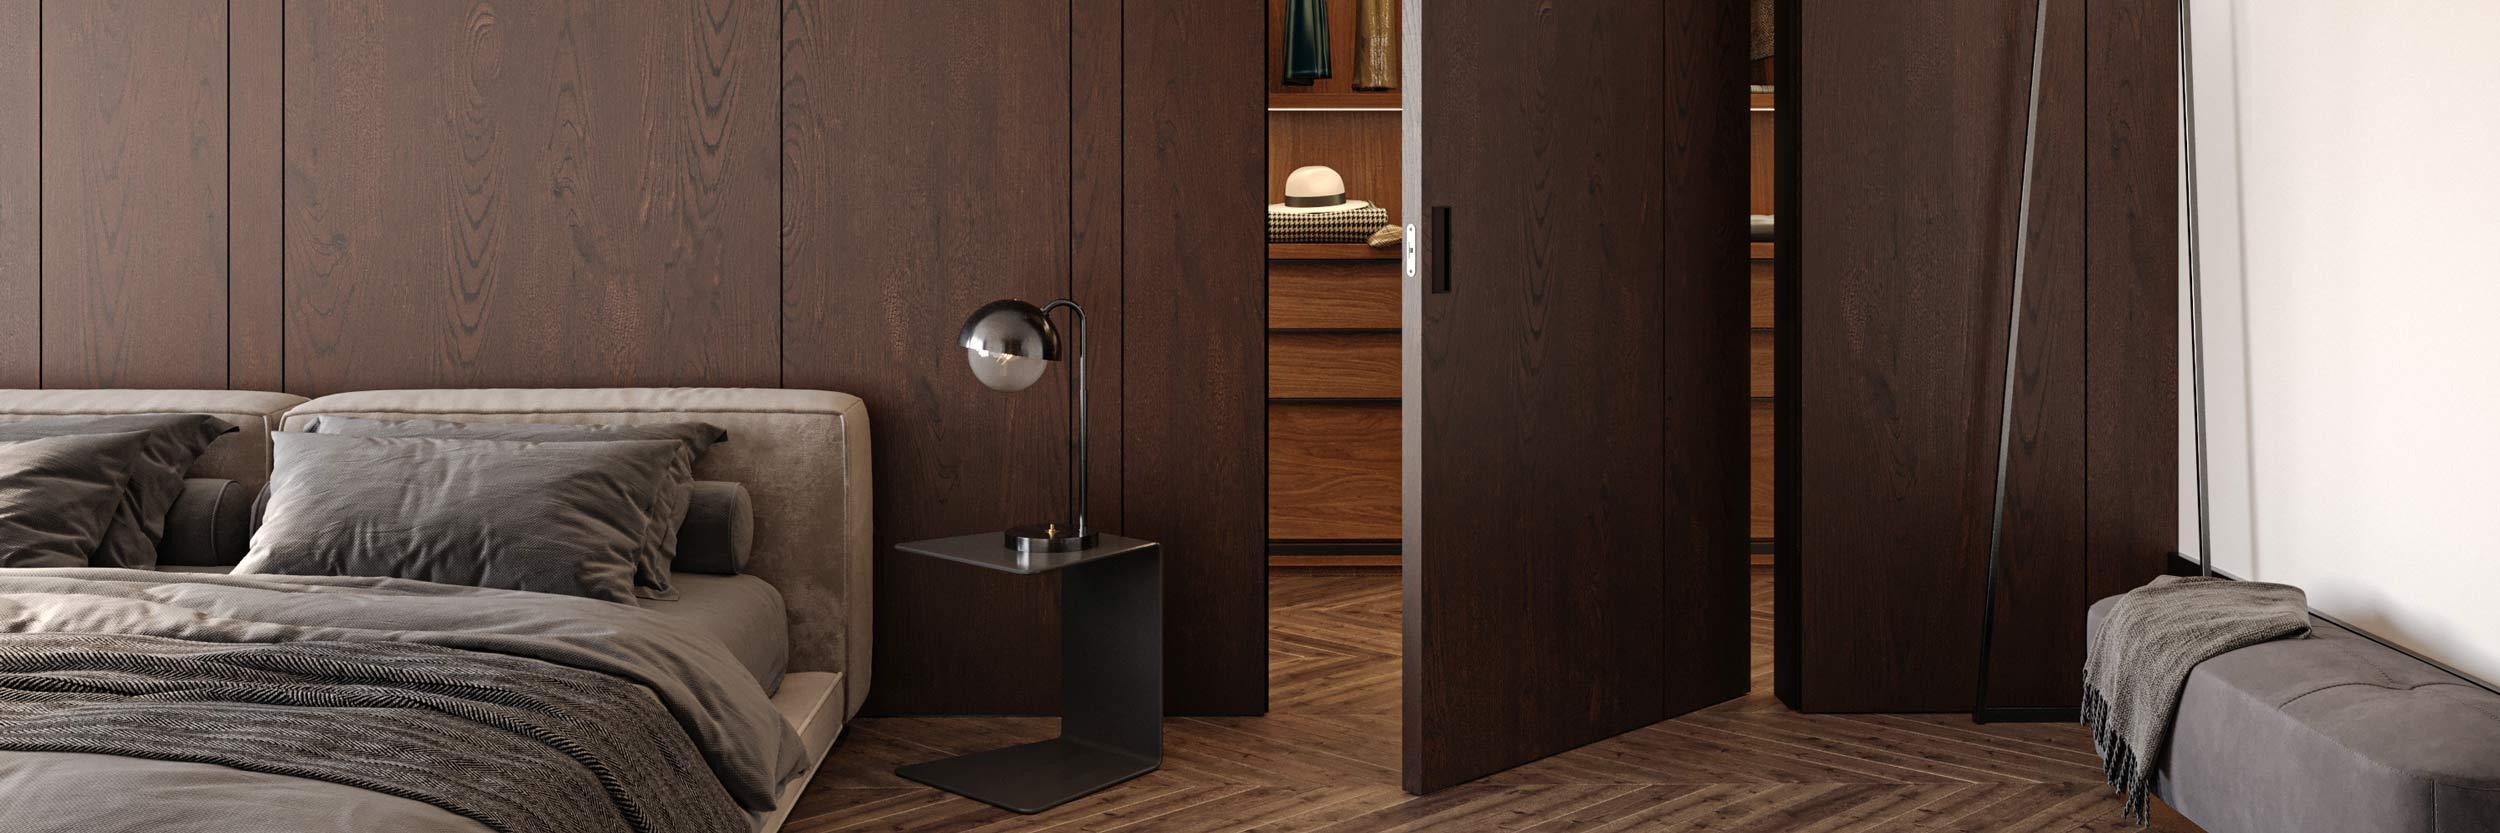 Vista di dettaglio di una porta in legno rivestita della stessa essenza usata per la boiserie